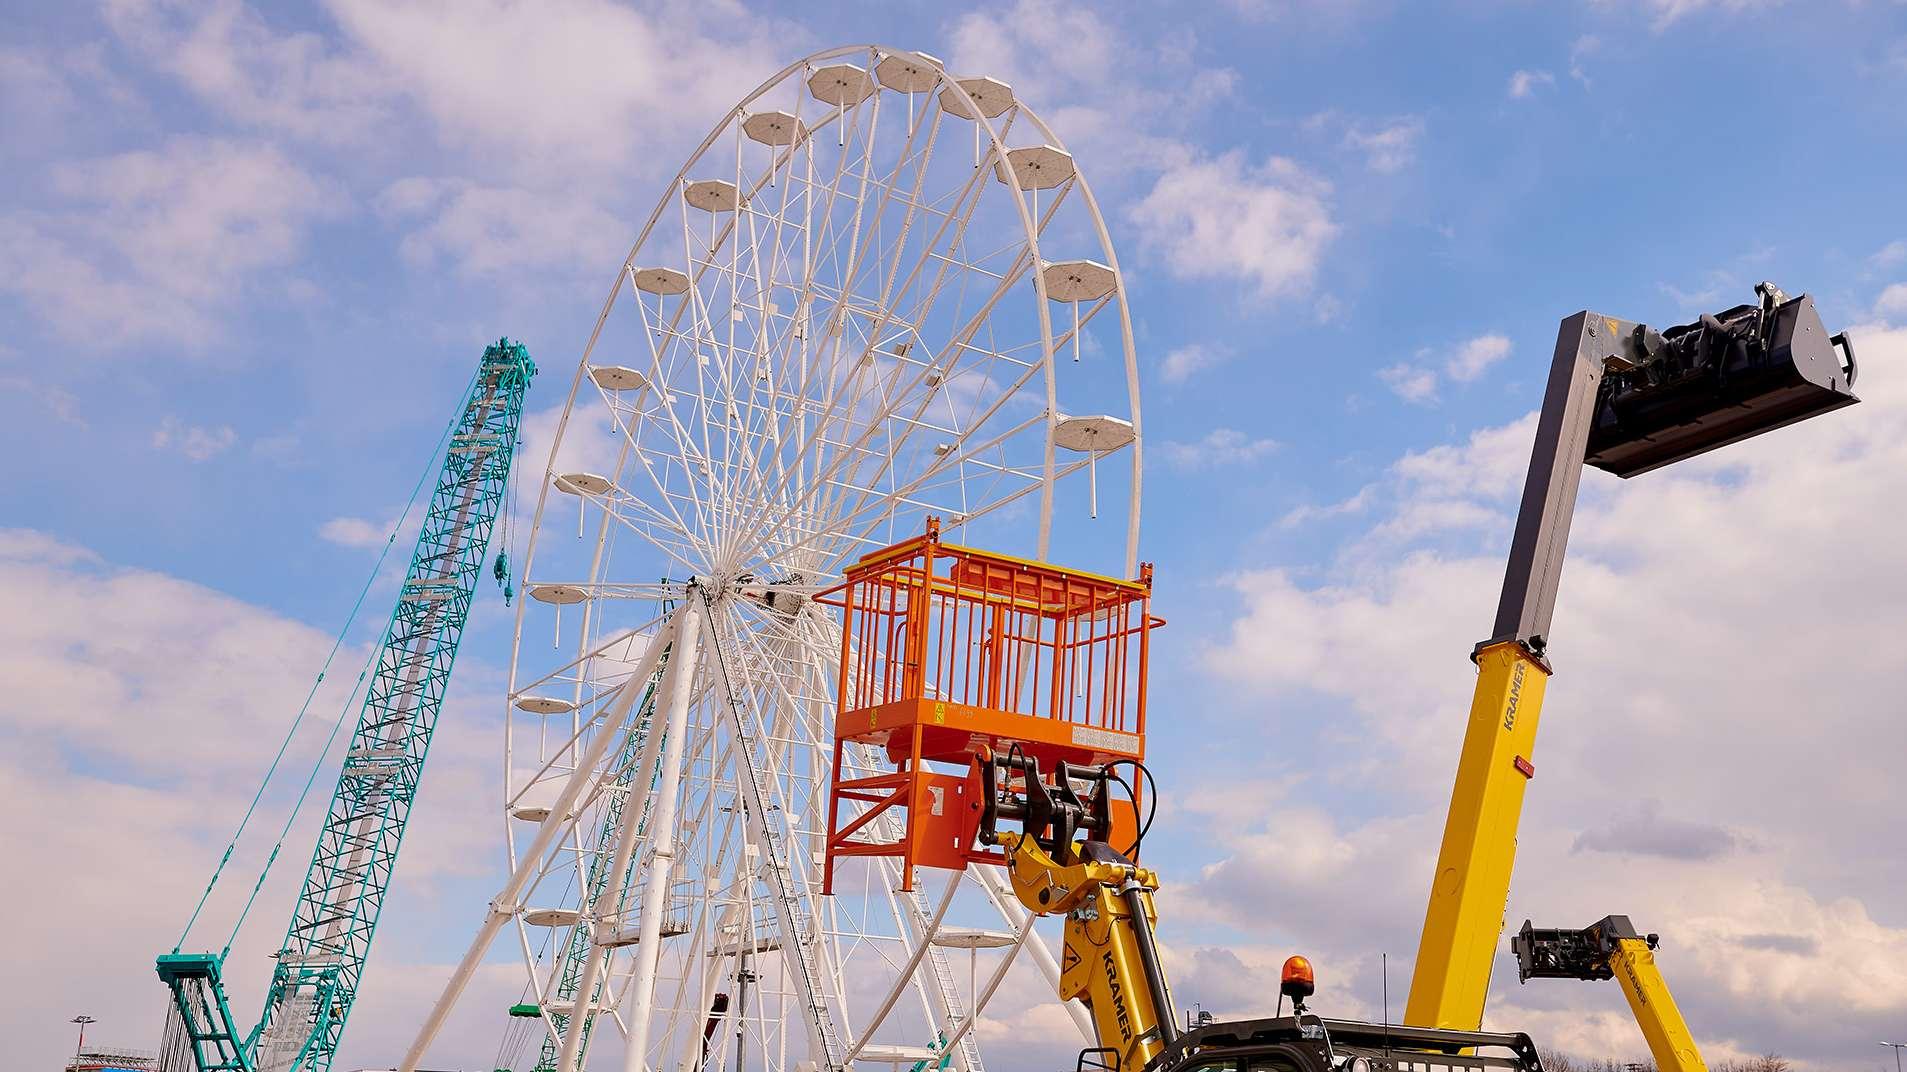 Auf dem Gelände der Messe München wird ein Riesenrad aufgebaut.